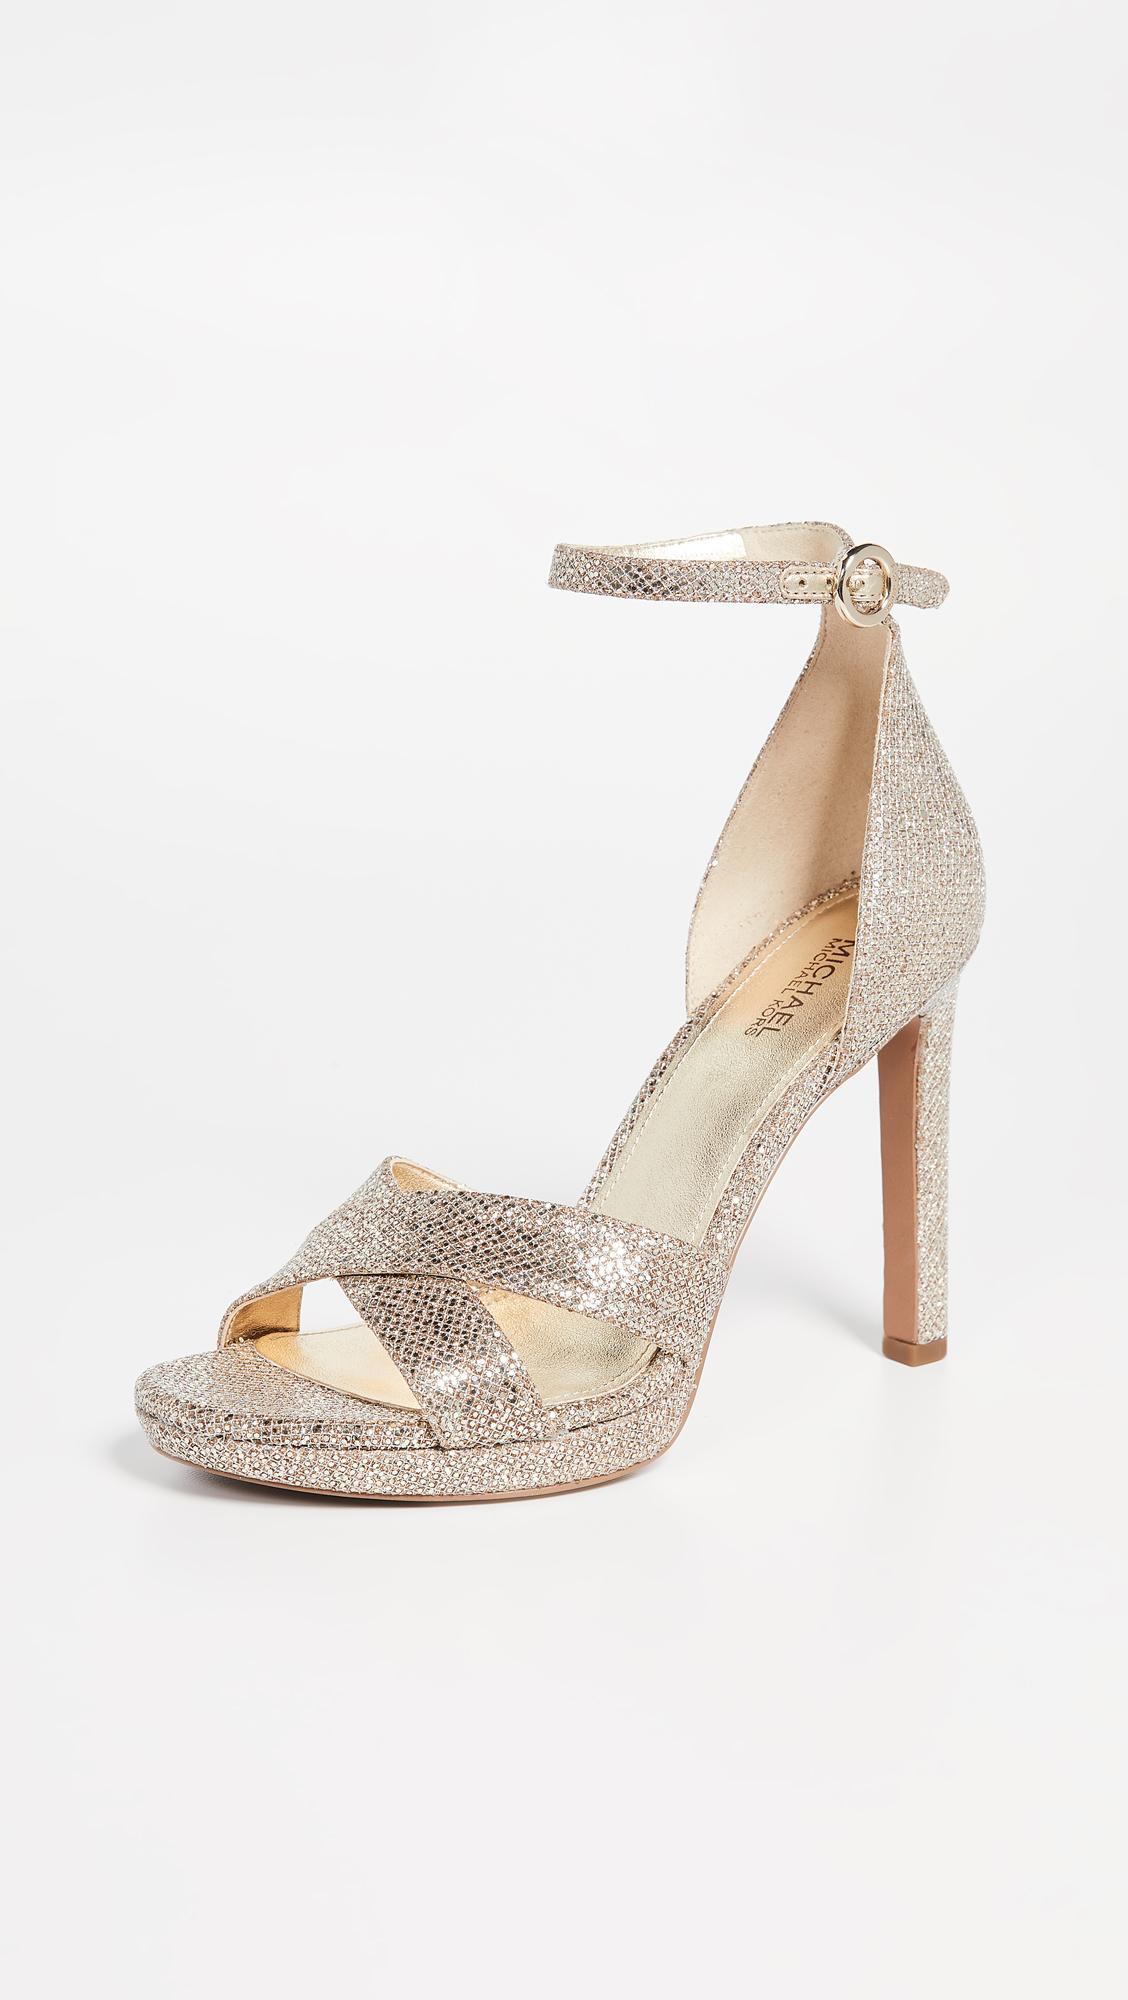 9e86b99455d039 MICHAEL Michael Kors. Women s Alexia Ankle Strap Sandals